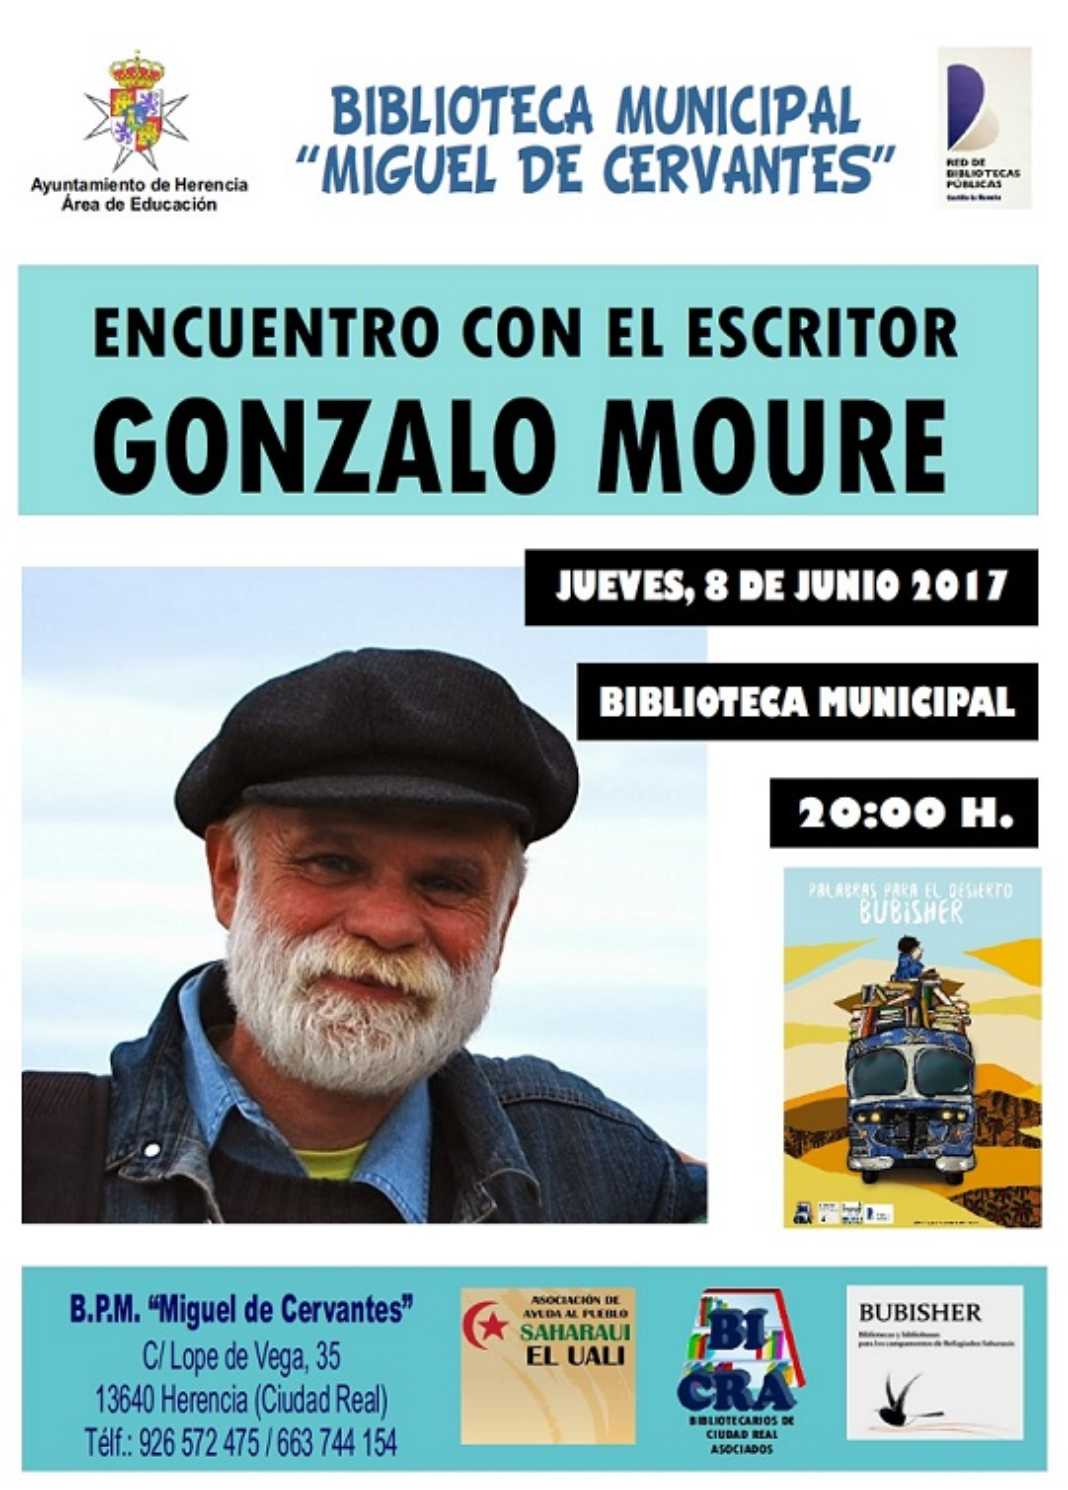 Encuentro con Gonzalo Moure 1068x1490 - Encuentro con el escritor Gonzalo Moure